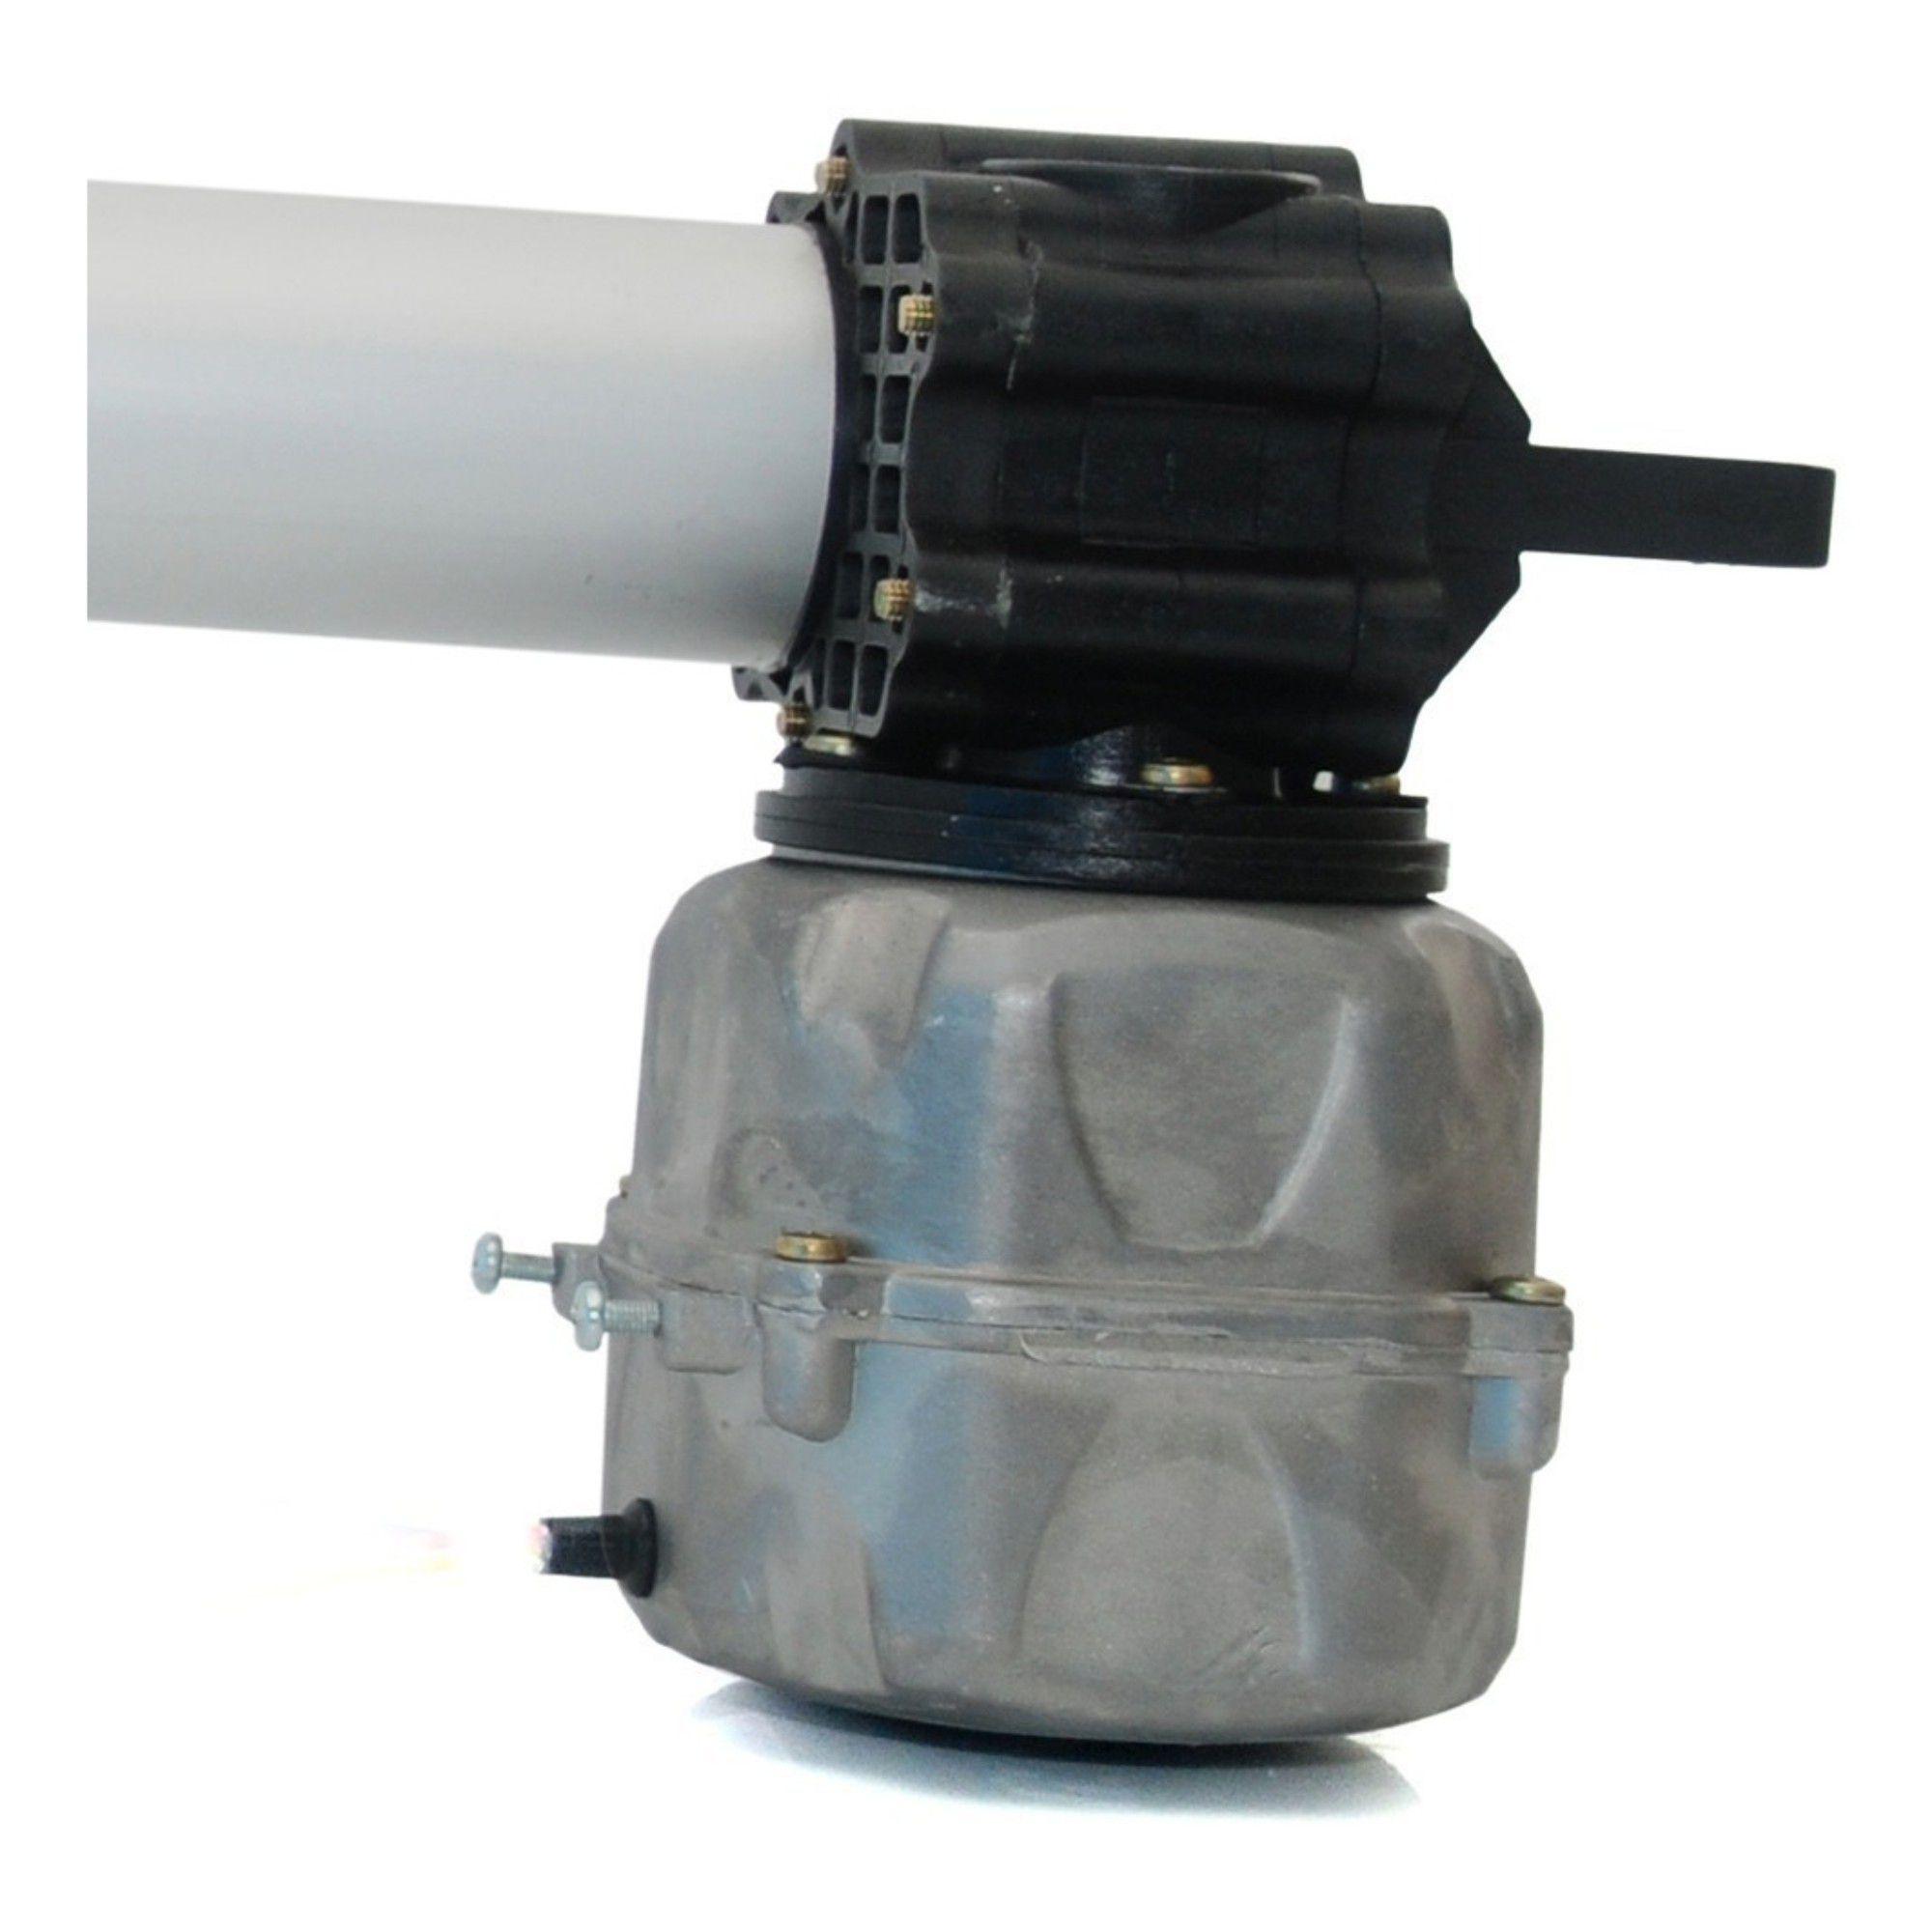 Motor Pivotante PLP3 500MM 2 Braços 127v